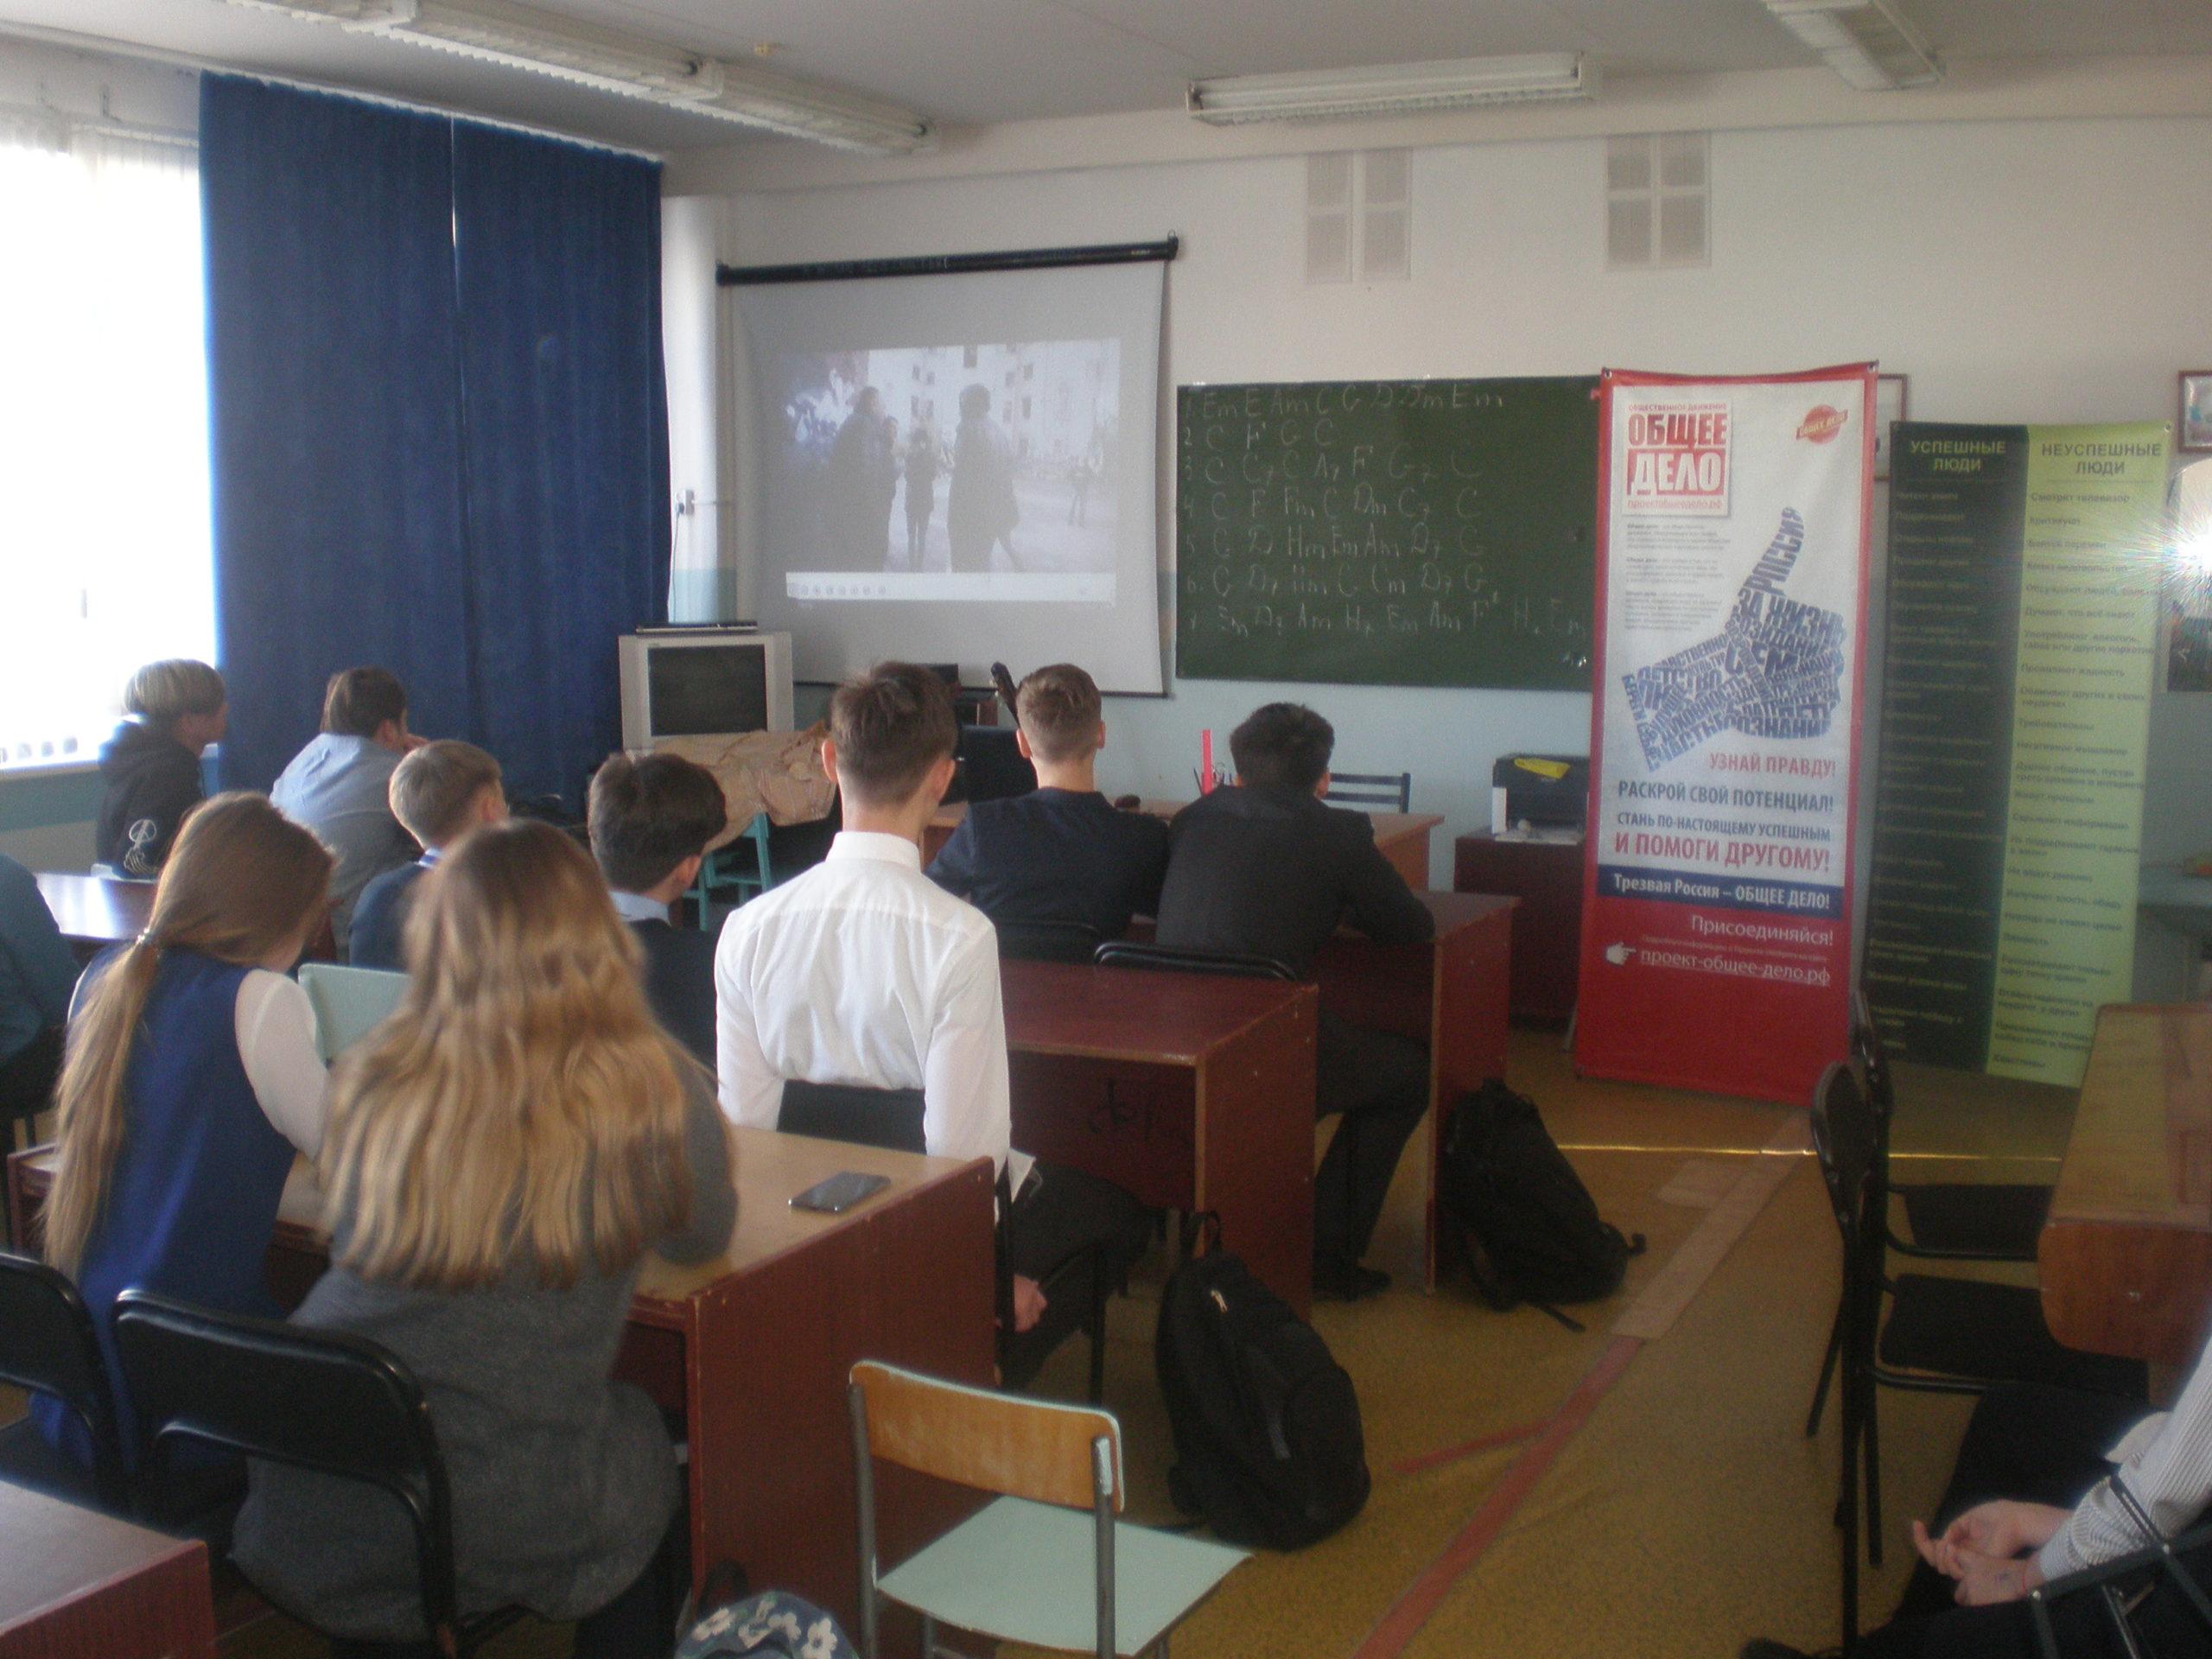 Общее дело в центре дополнительного образования «Савитар» города Агидель